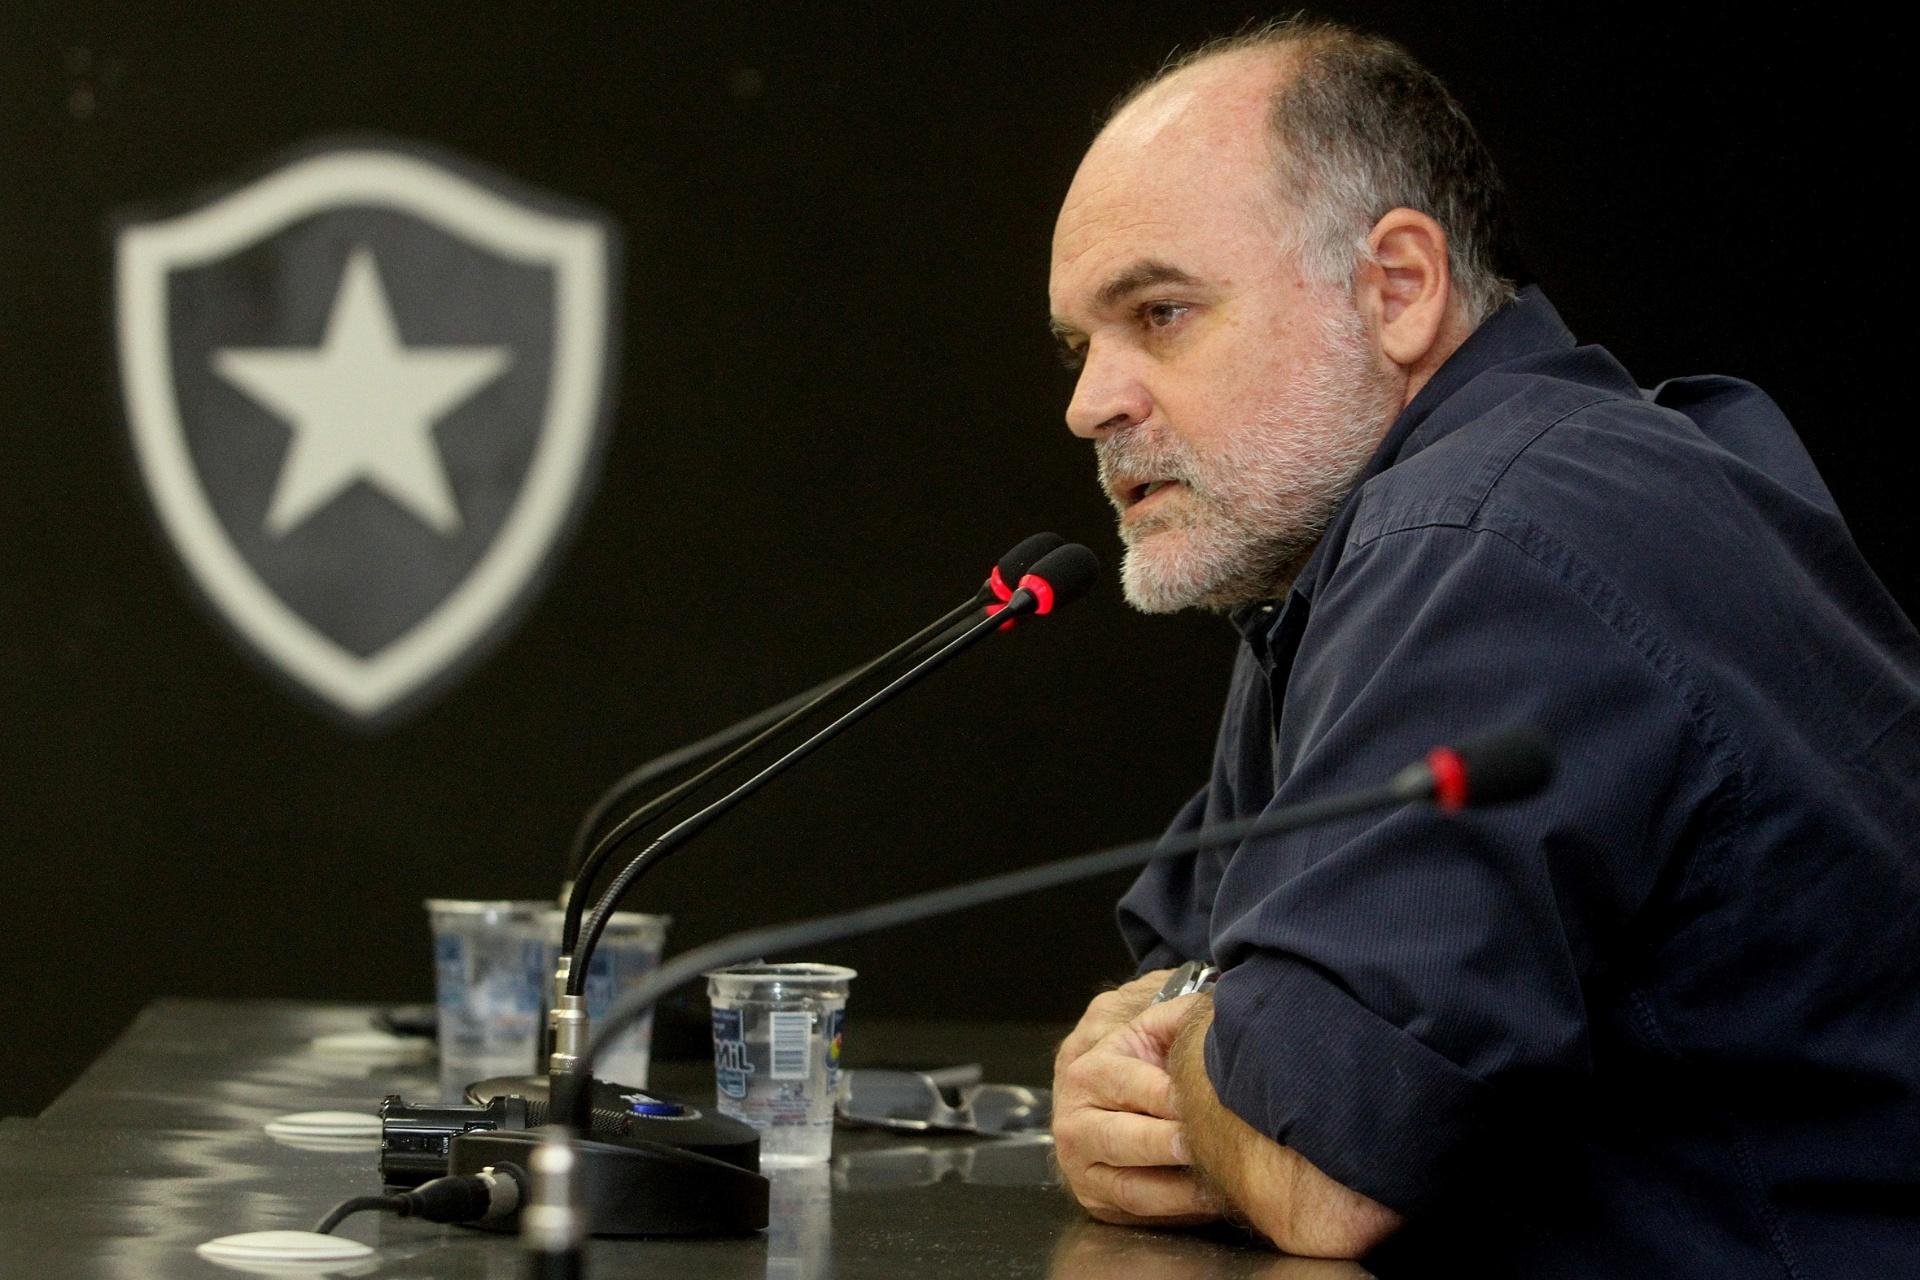 Botafogo apresenta notícia de crime contra ex-presidente e Odebrecht -  24 10 2017 - UOL Esporte e61e3bb5b692b